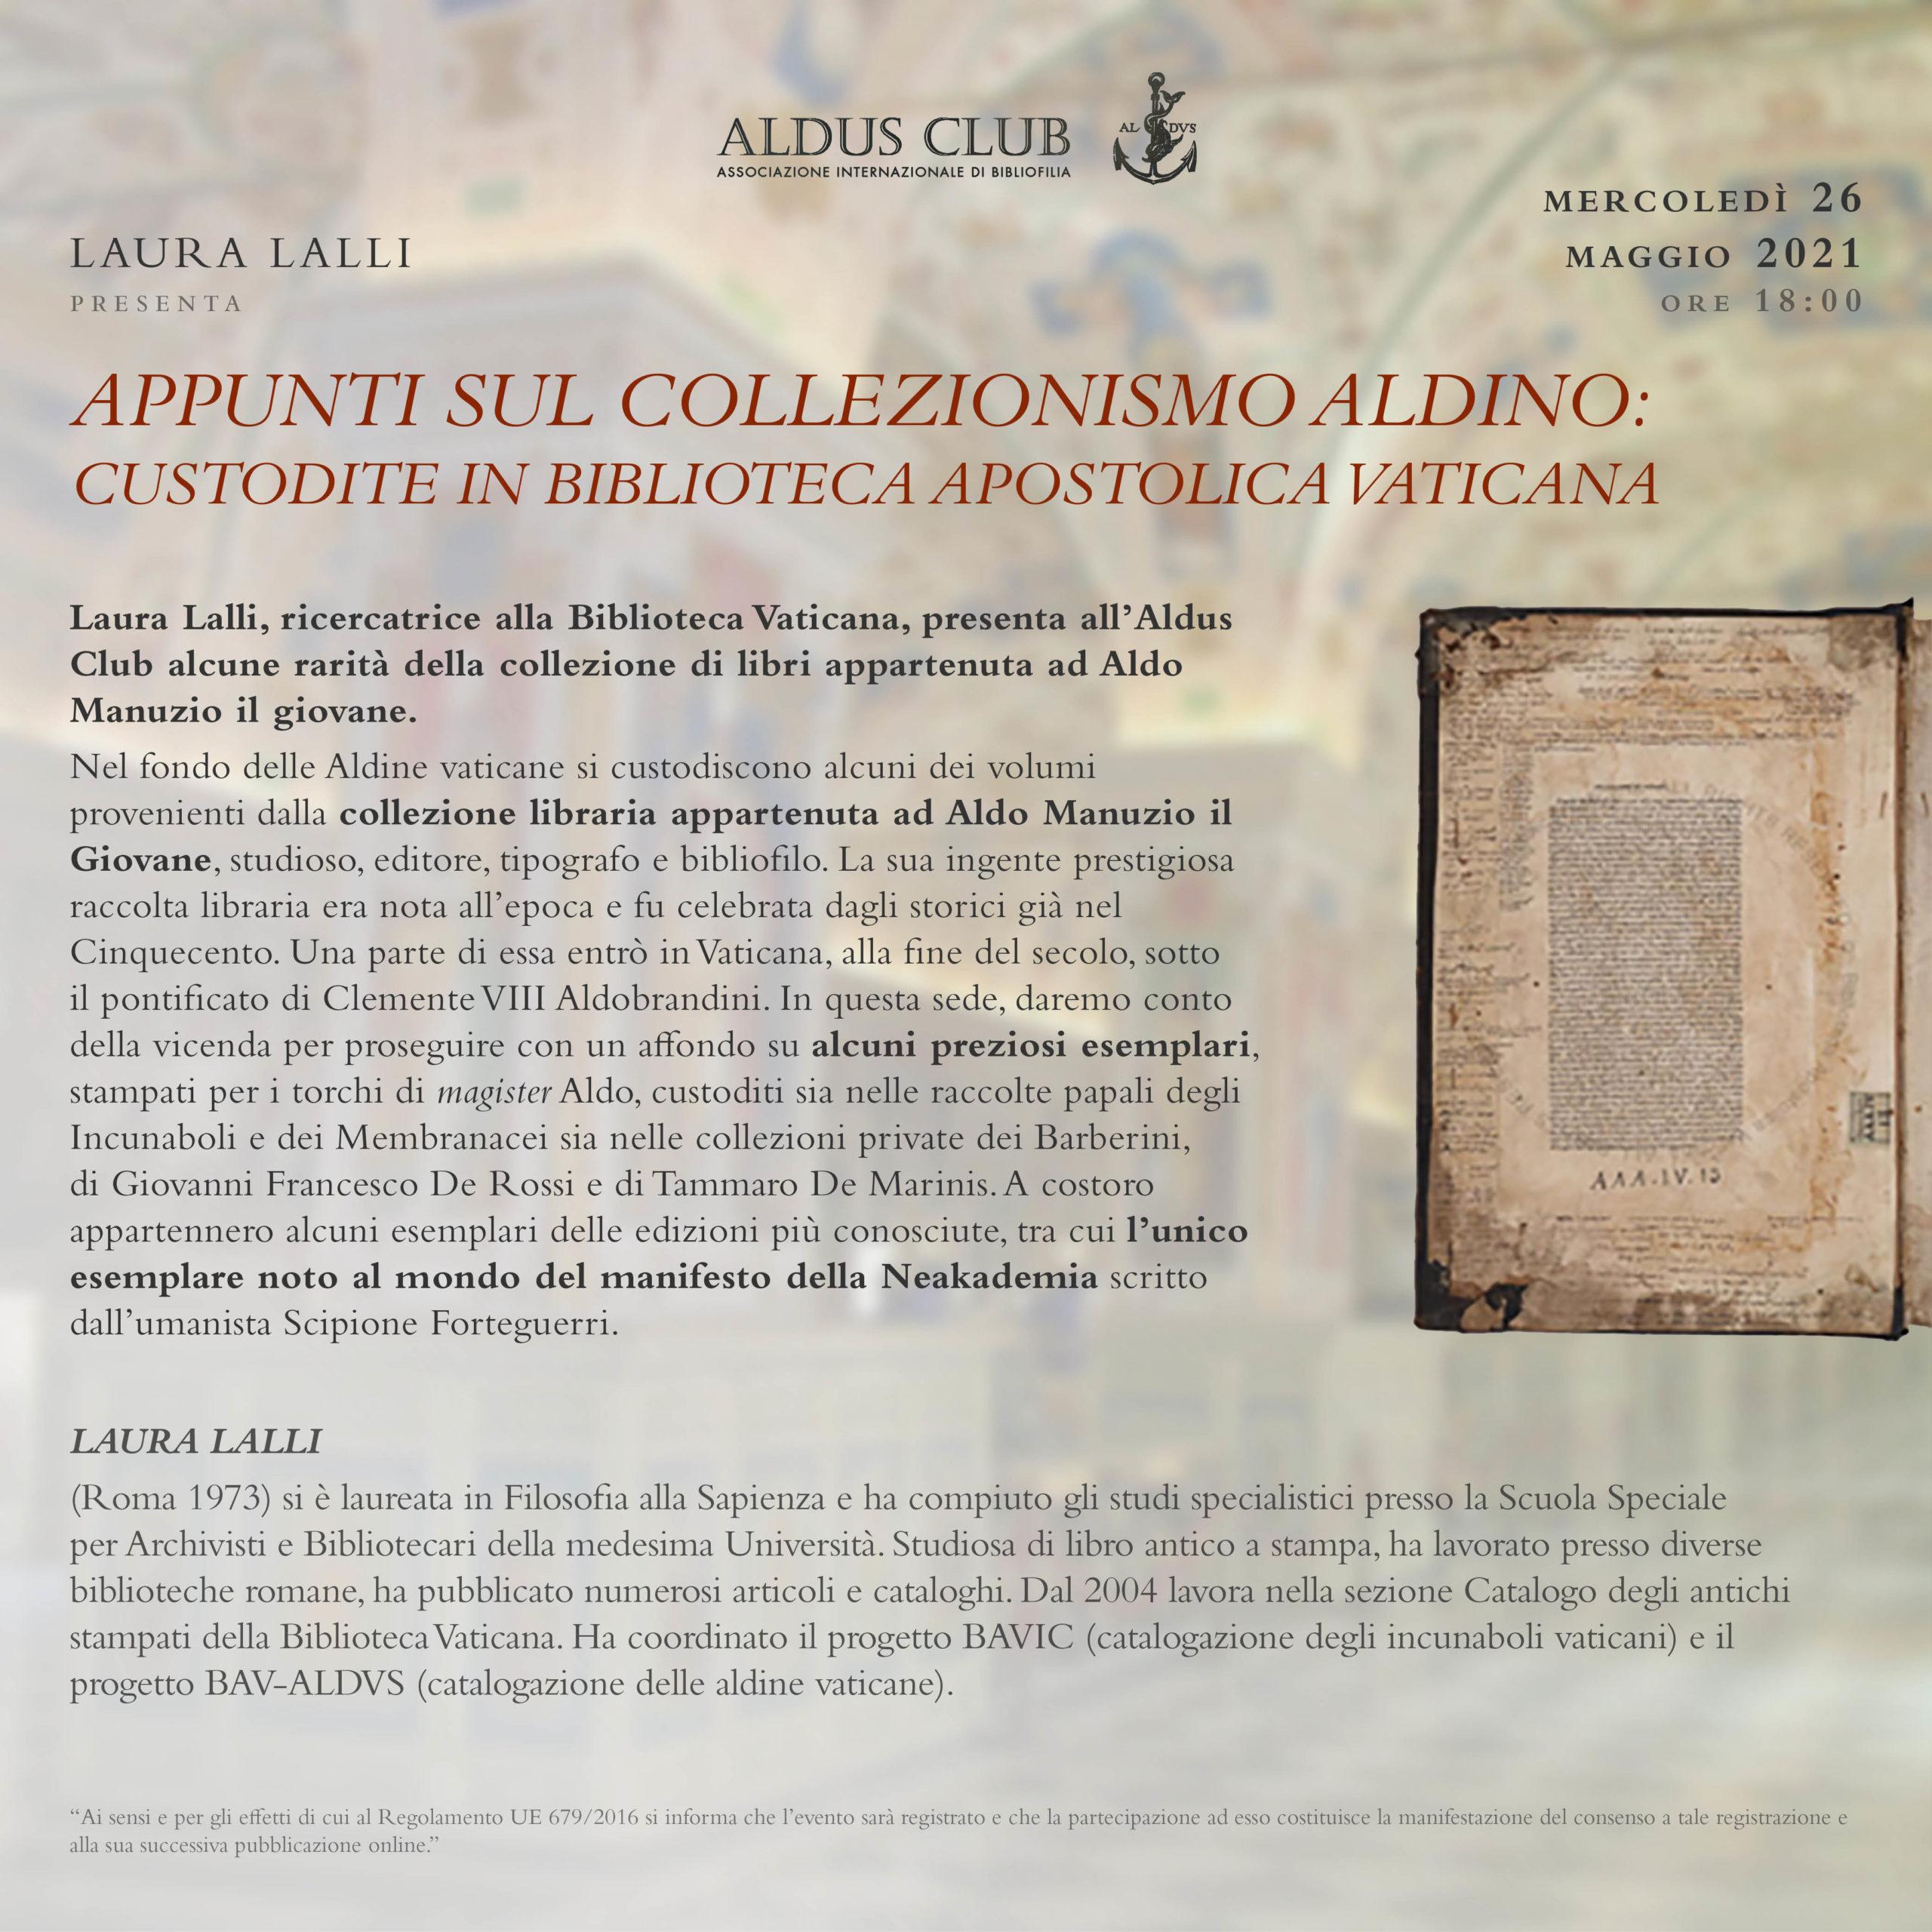 Appunti sul collezionismo Aldino: preziose testimonianze custodite in Biblioteca Apostolica Vaticana.